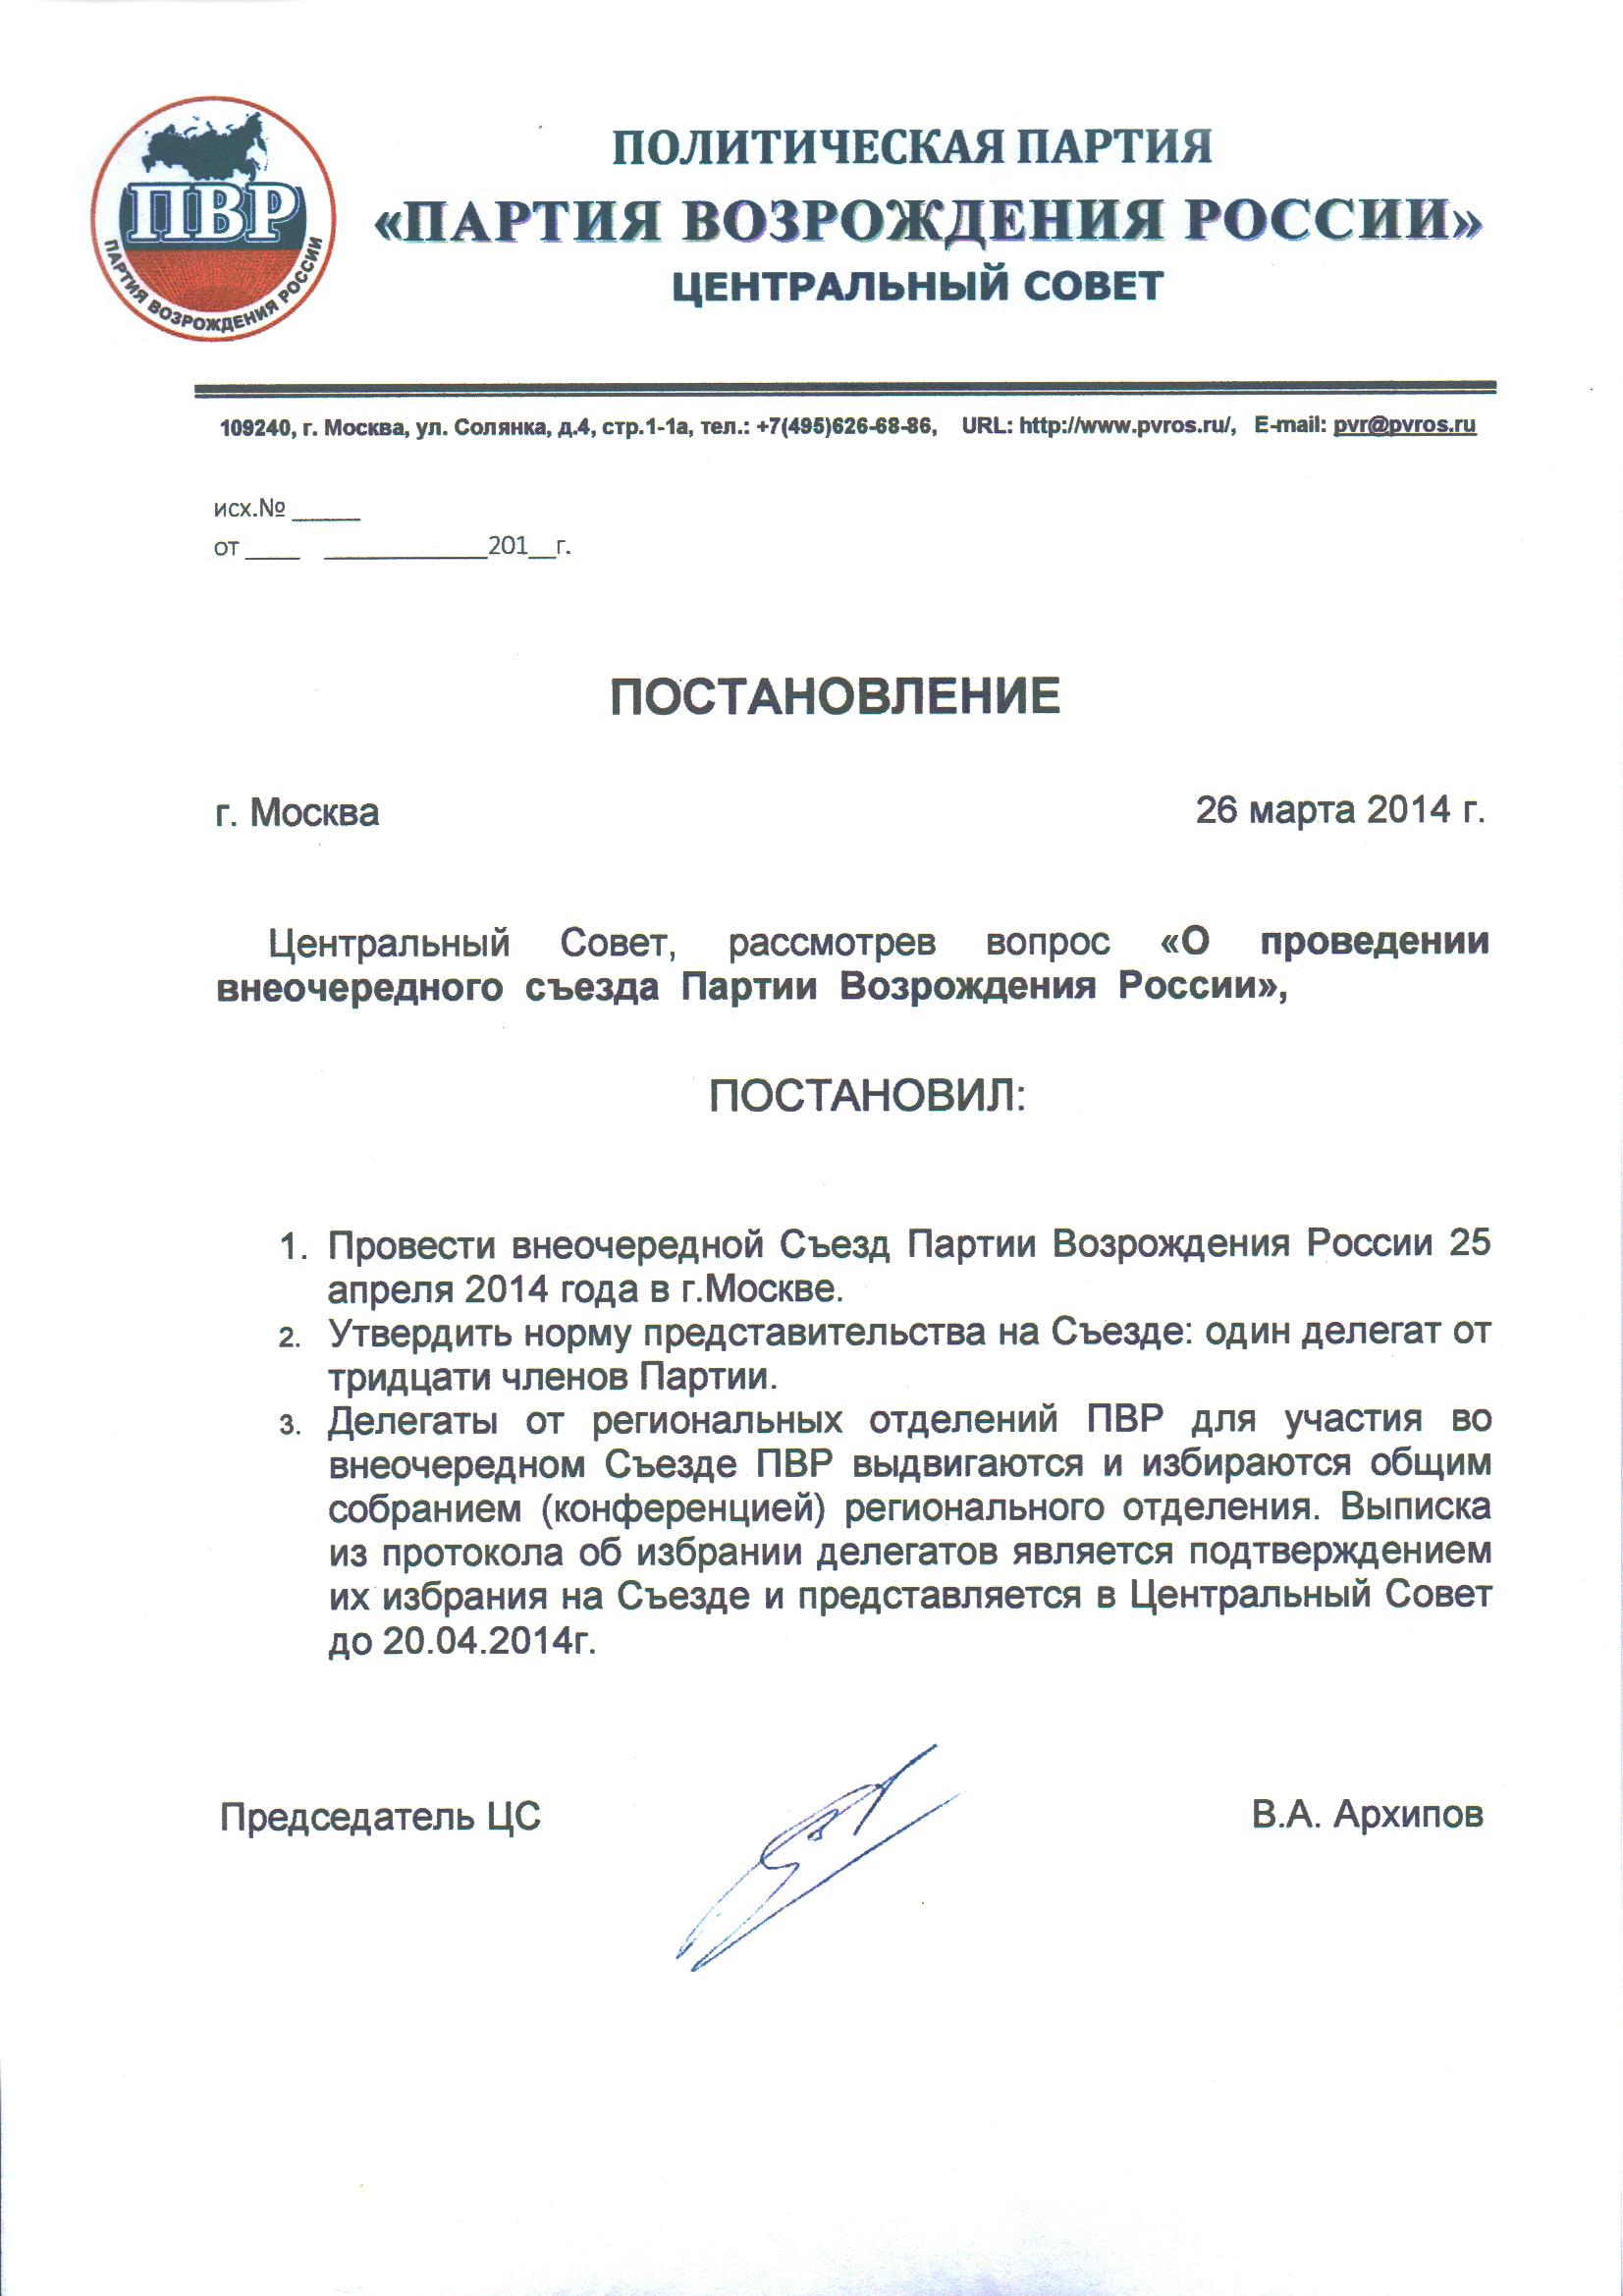 Постановление-ЦС-о-внеочередном-съезде